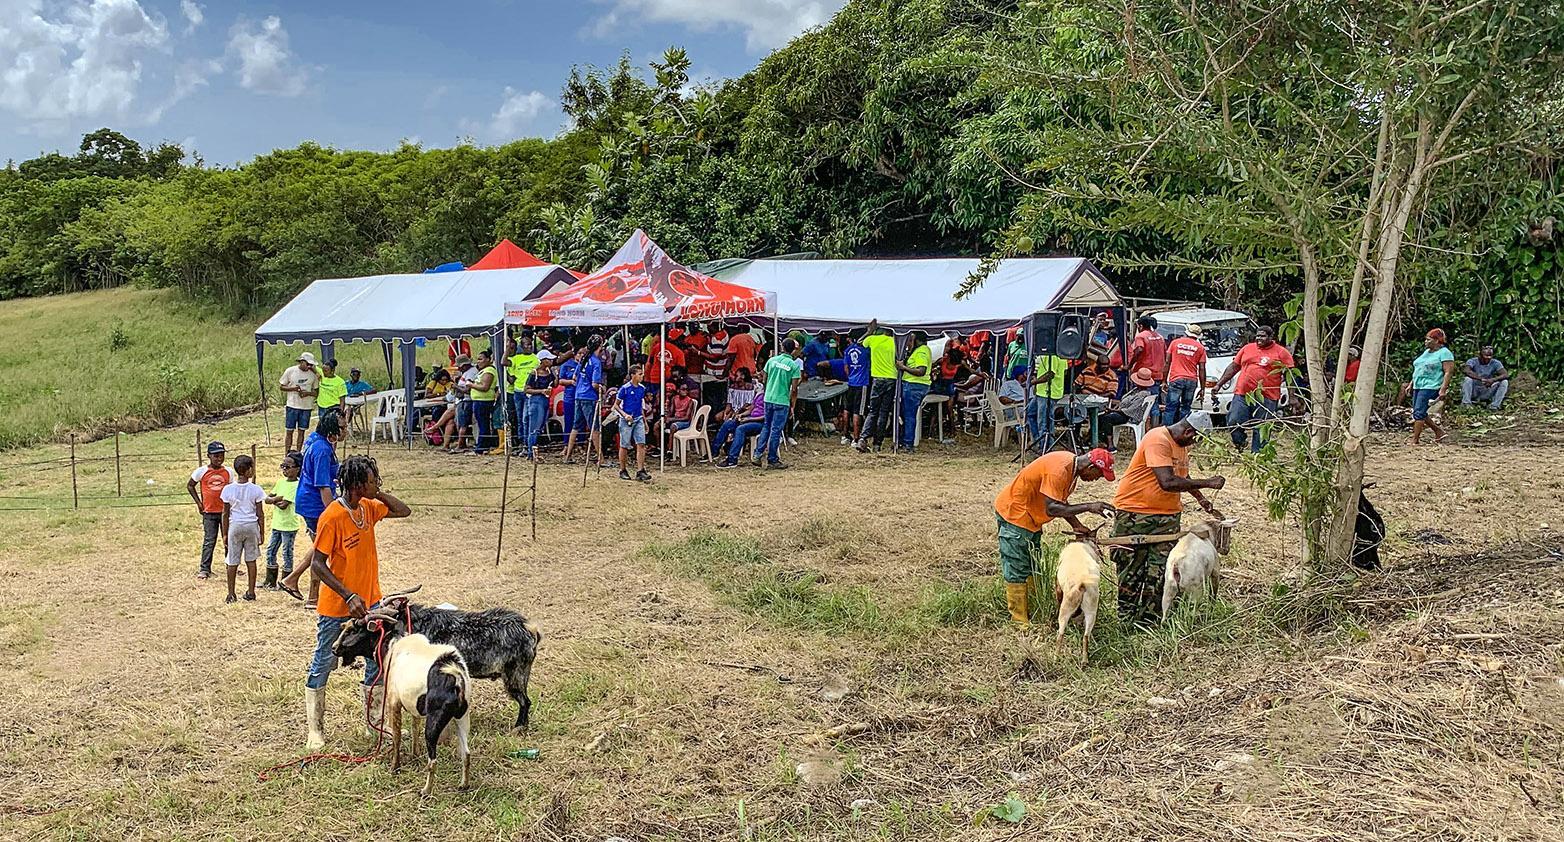 Marie-Galante: Ziegenrennen sind Inseltradition. Früher deckte die Insel ihren MIlchbedarf zu 100 Prozent selbst. Heute wird alles importiert... Foto: Hilke Maunder